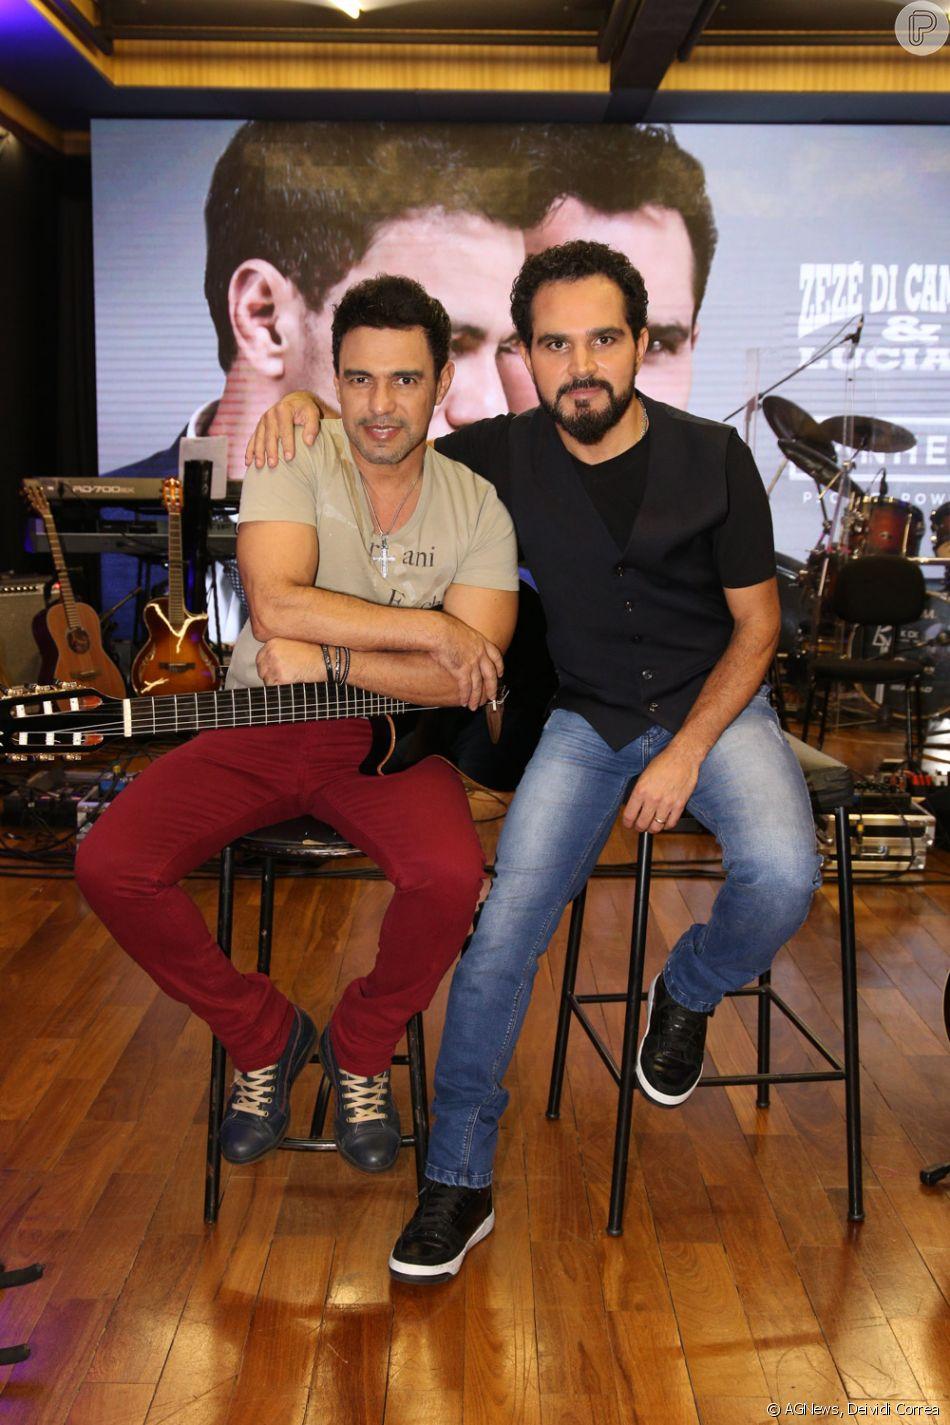 Zezé Di Camargo e Luciano lançam aplicativo voltado aos seus fãs, em São Paulo, no estúdio Mosh, na noite desta quarta-feira, 14 de março de 2018